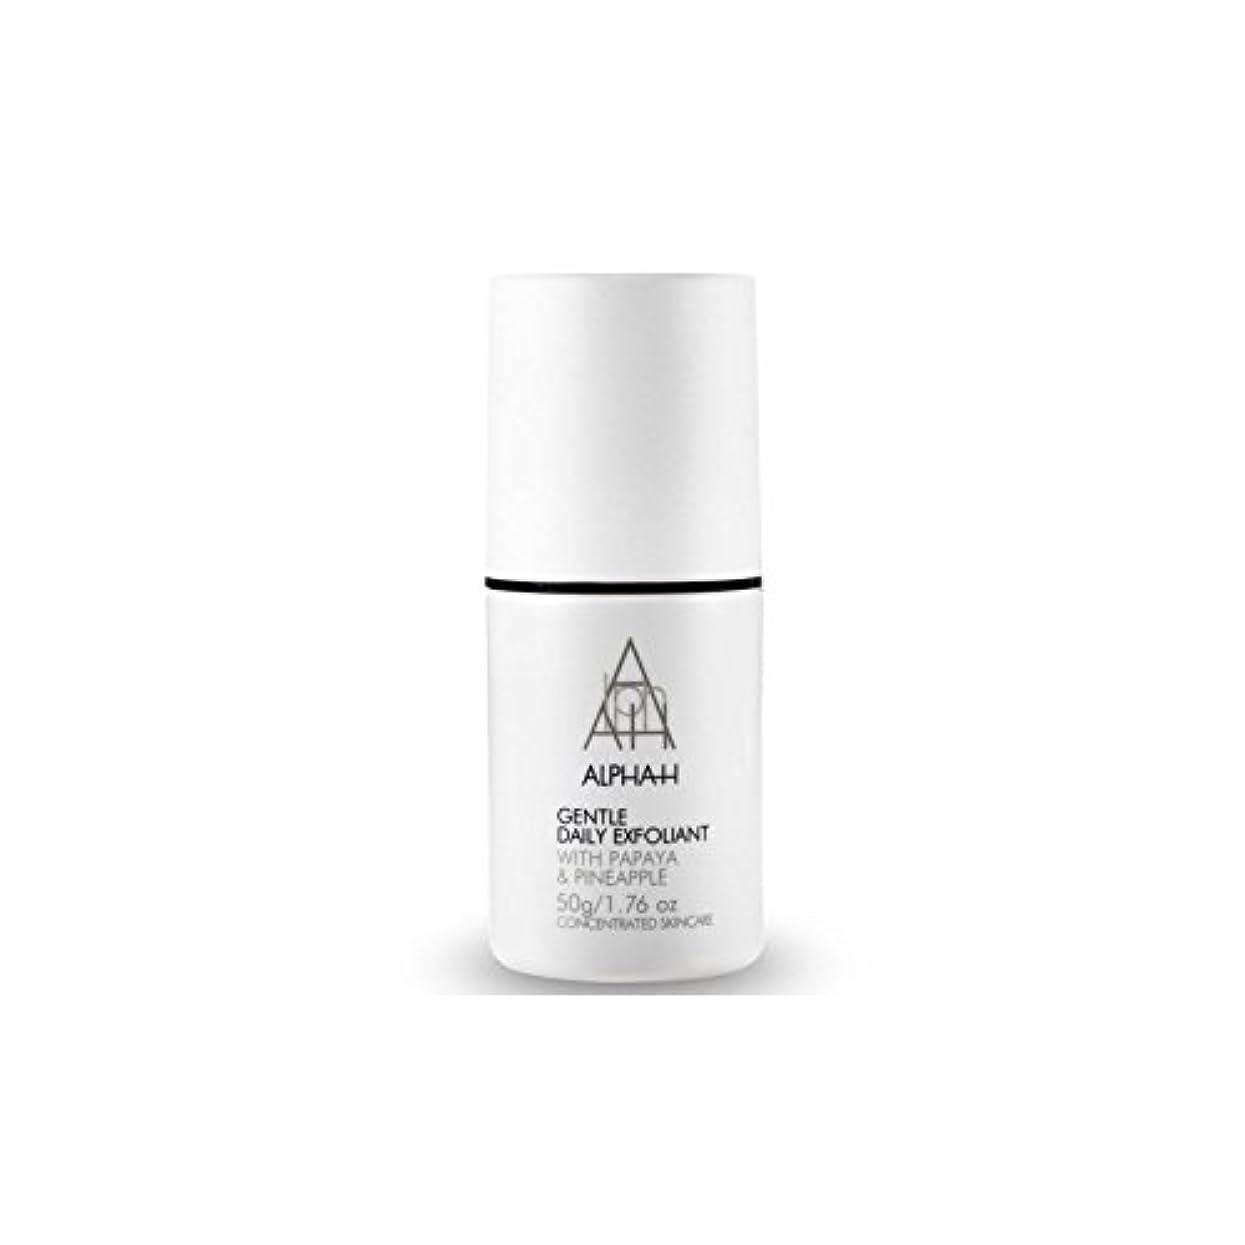 避難軸腫瘍Alpha-H Gentle Daily Exfoliant (50G) - アルファ - 時間穏やか毎日の角質(50グラム) [並行輸入品]